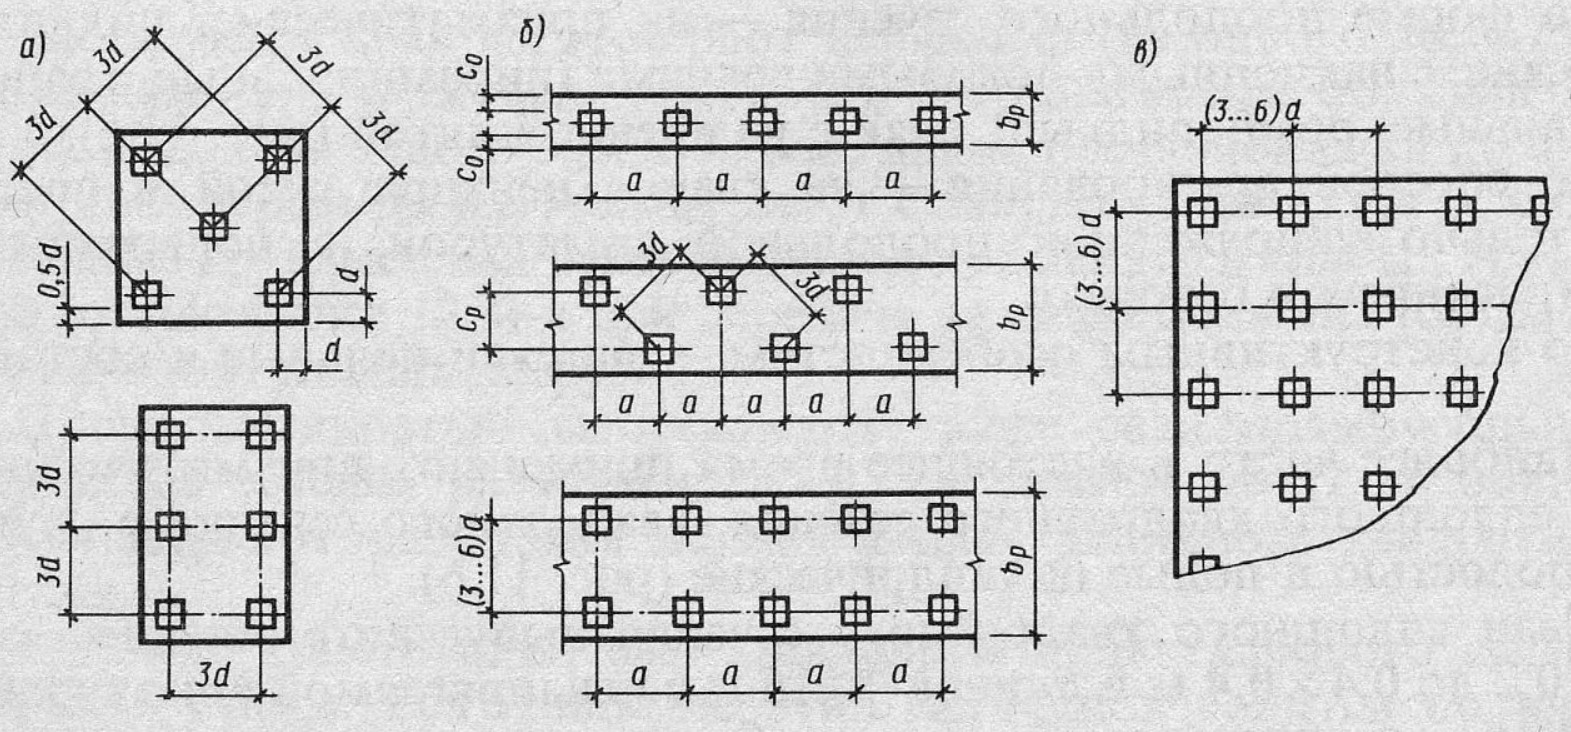 Классификация фундамента по числу и расположению свай (Класифікація фундаменту по числу і розташуванню паль)